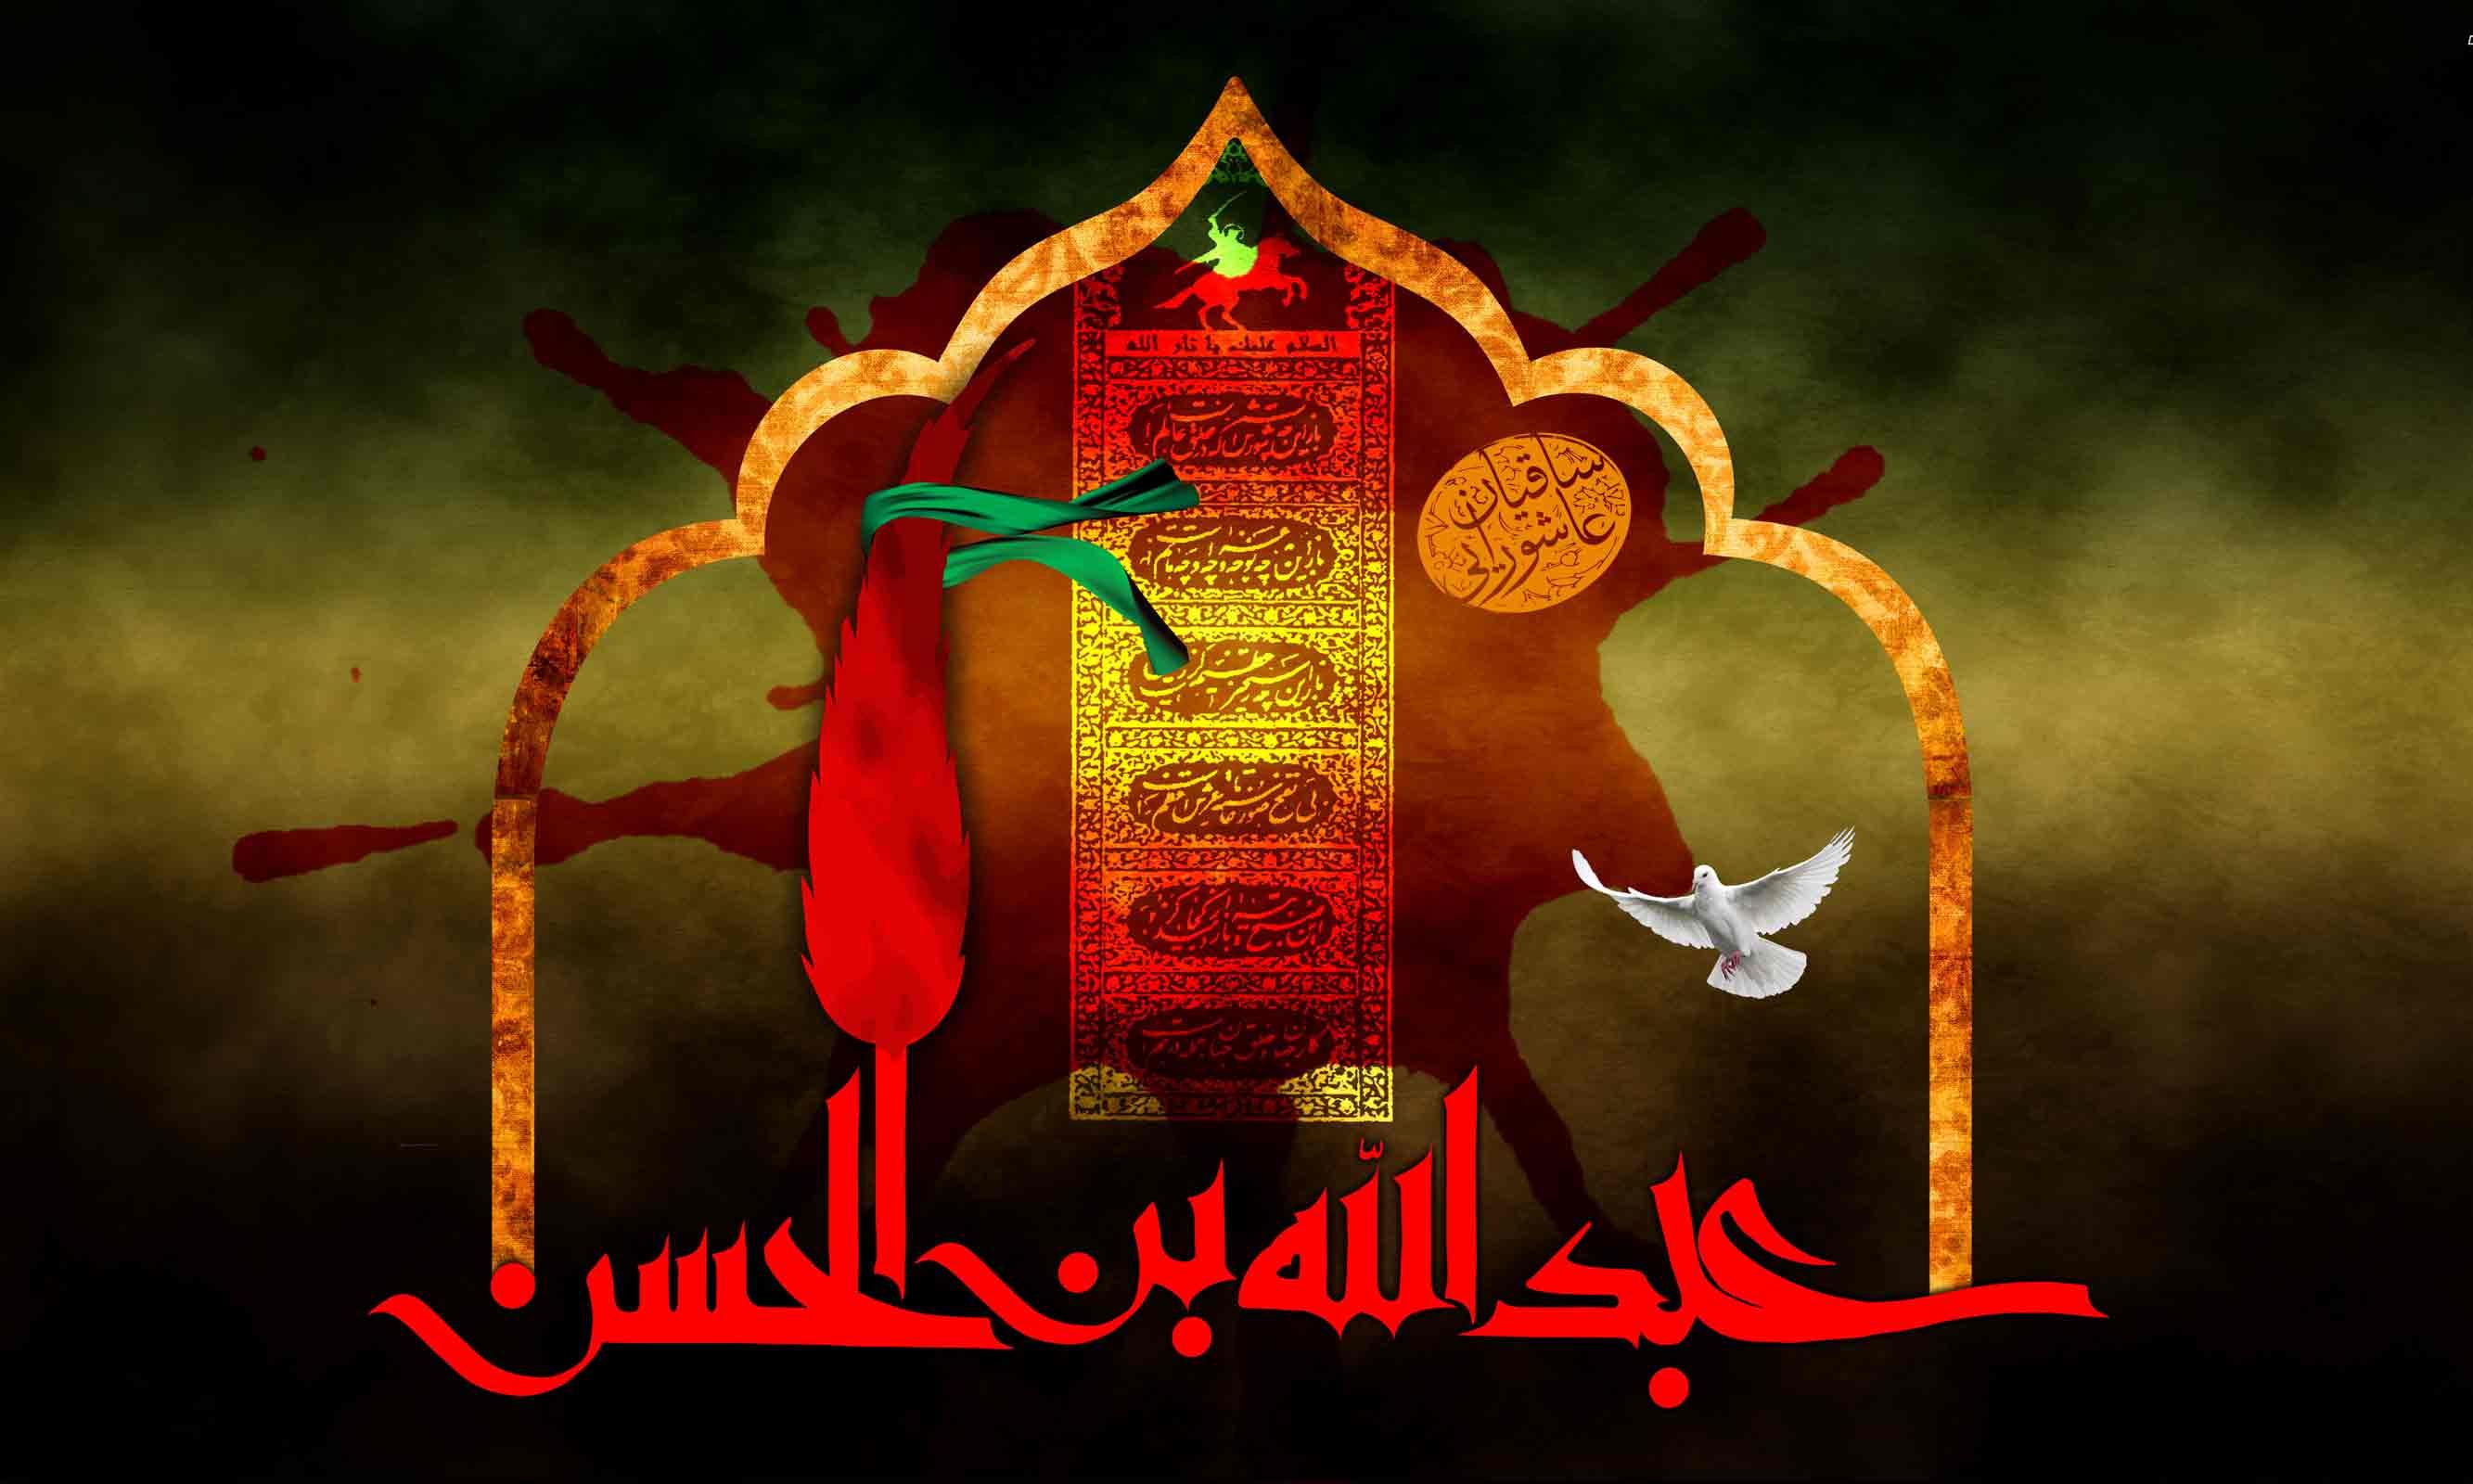 عکس با متن امام حسین